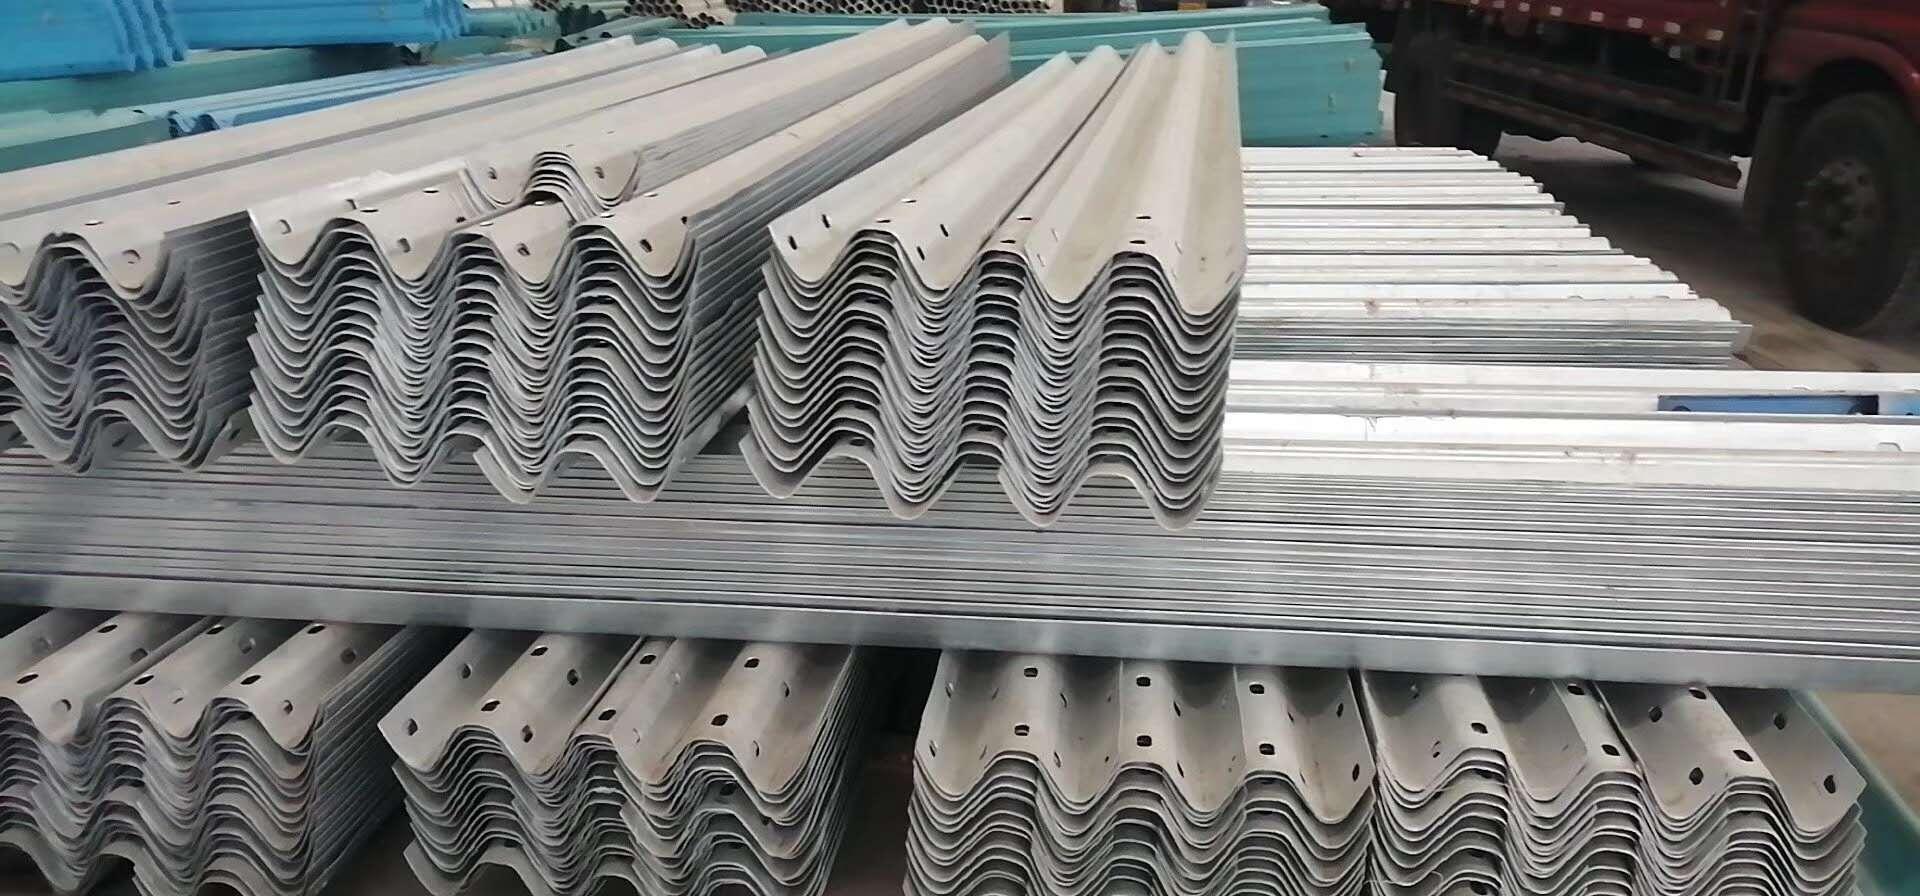 波形护栏板 高速公路波形护栏 热镀锌波型梁护栏  现货供应